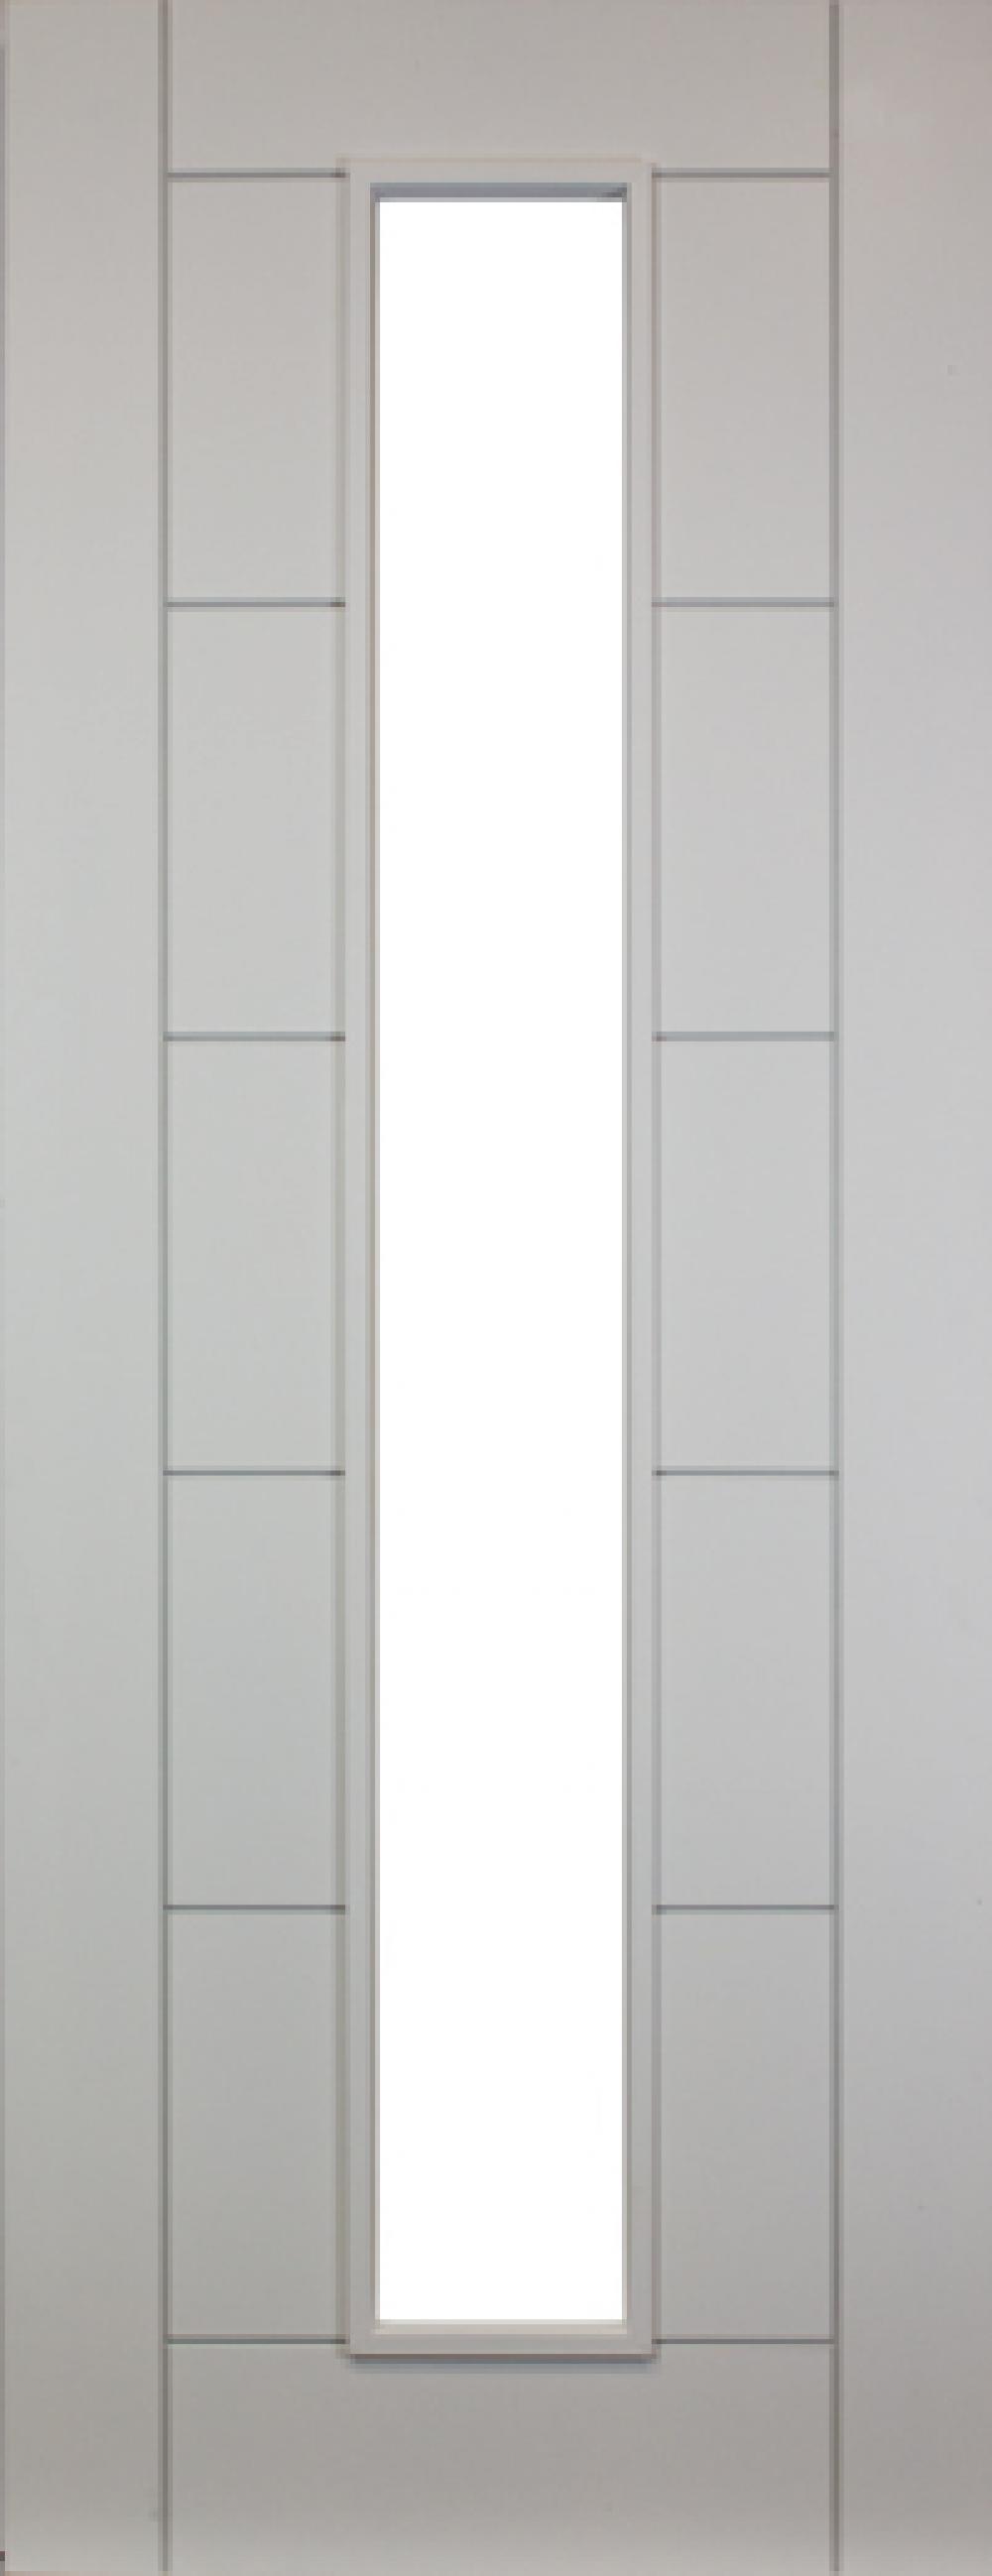 Seville White Primed Unglazed Door